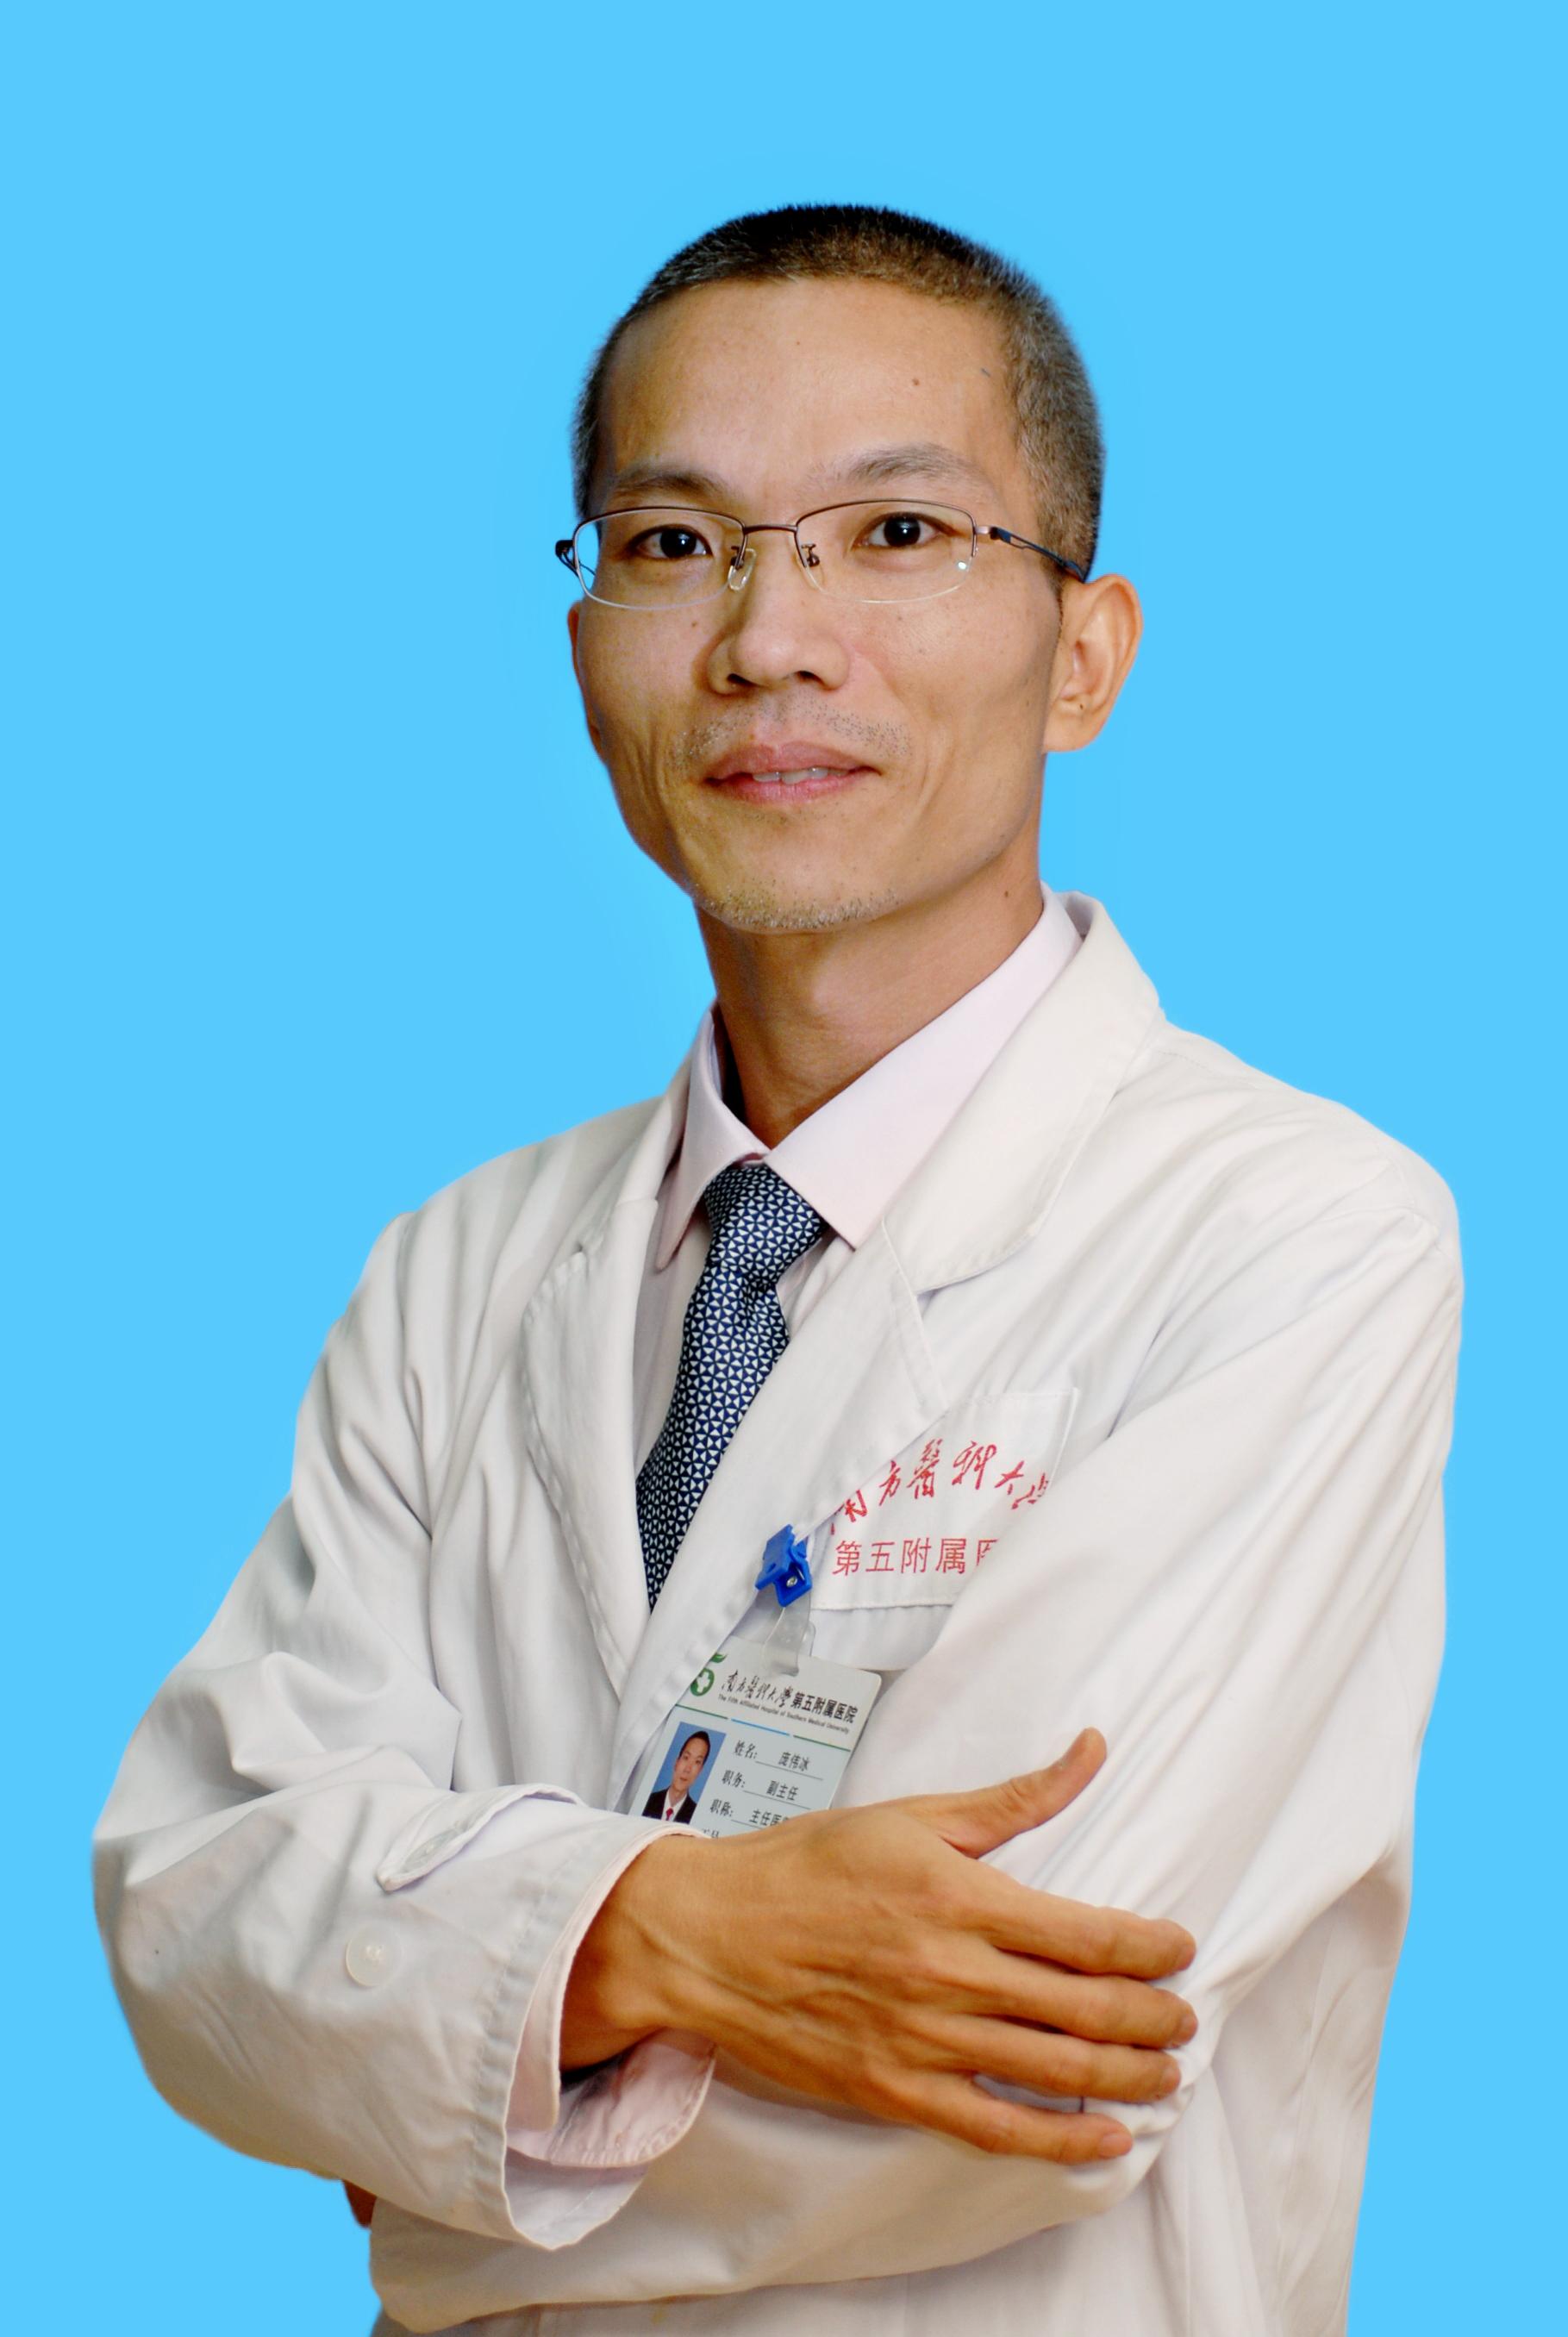 中医科主任 庞伟冰